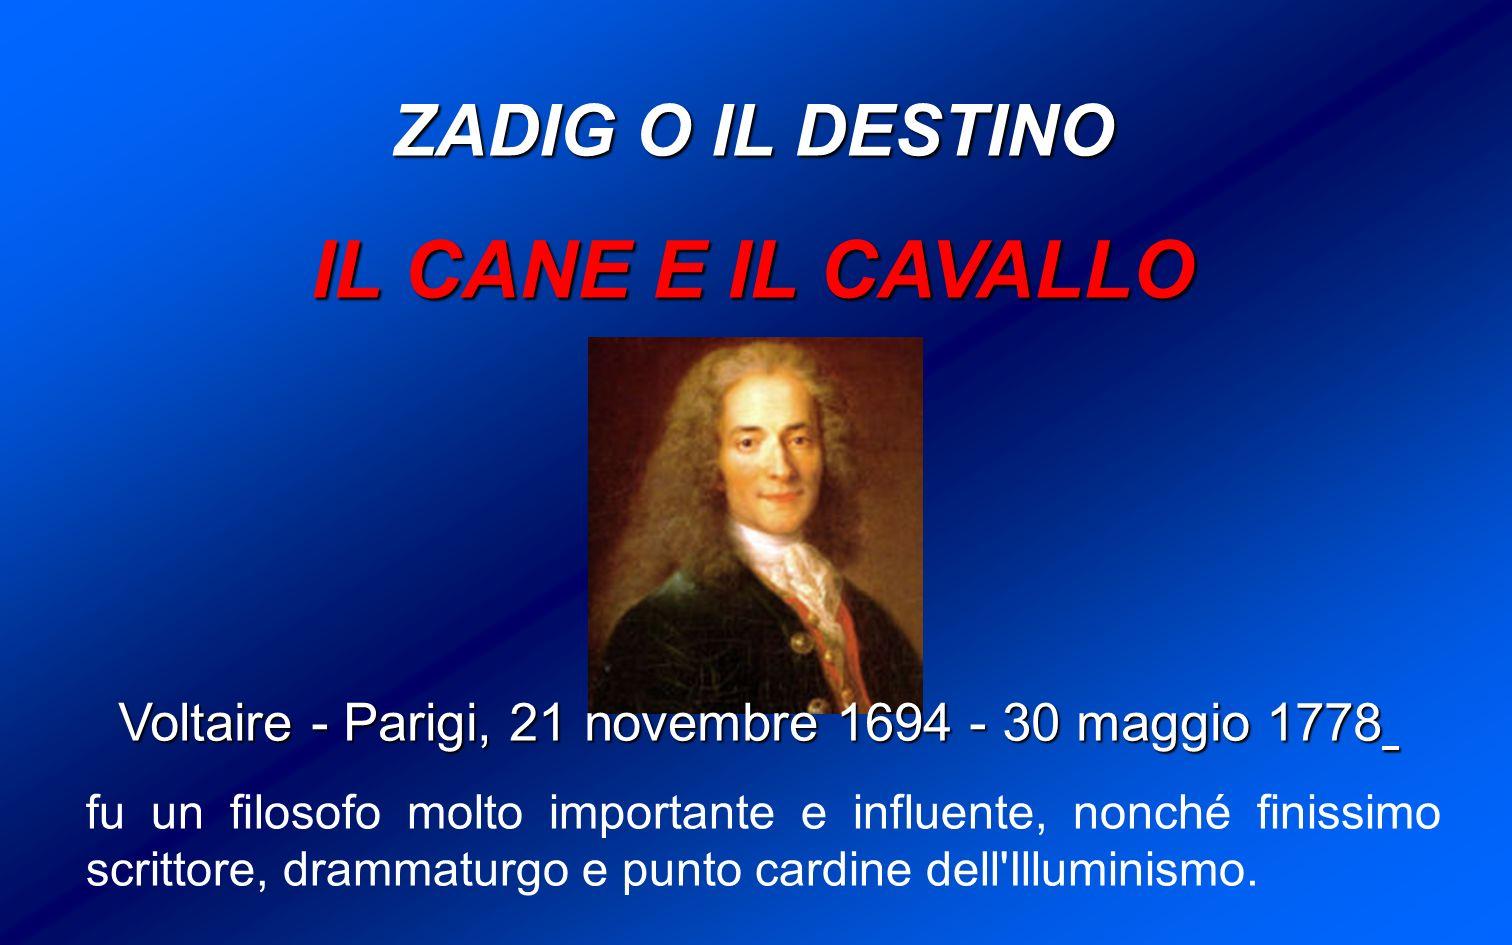 ZADIG O IL DESTINO IL CANE E IL CAVALLO Voltaire - Parigi, 21 novembre 1694 - 30 maggio 1778 fu un filosofo molto importante e influente, nonché finissimo scrittore, drammaturgo e punto cardine dell Illuminismo.